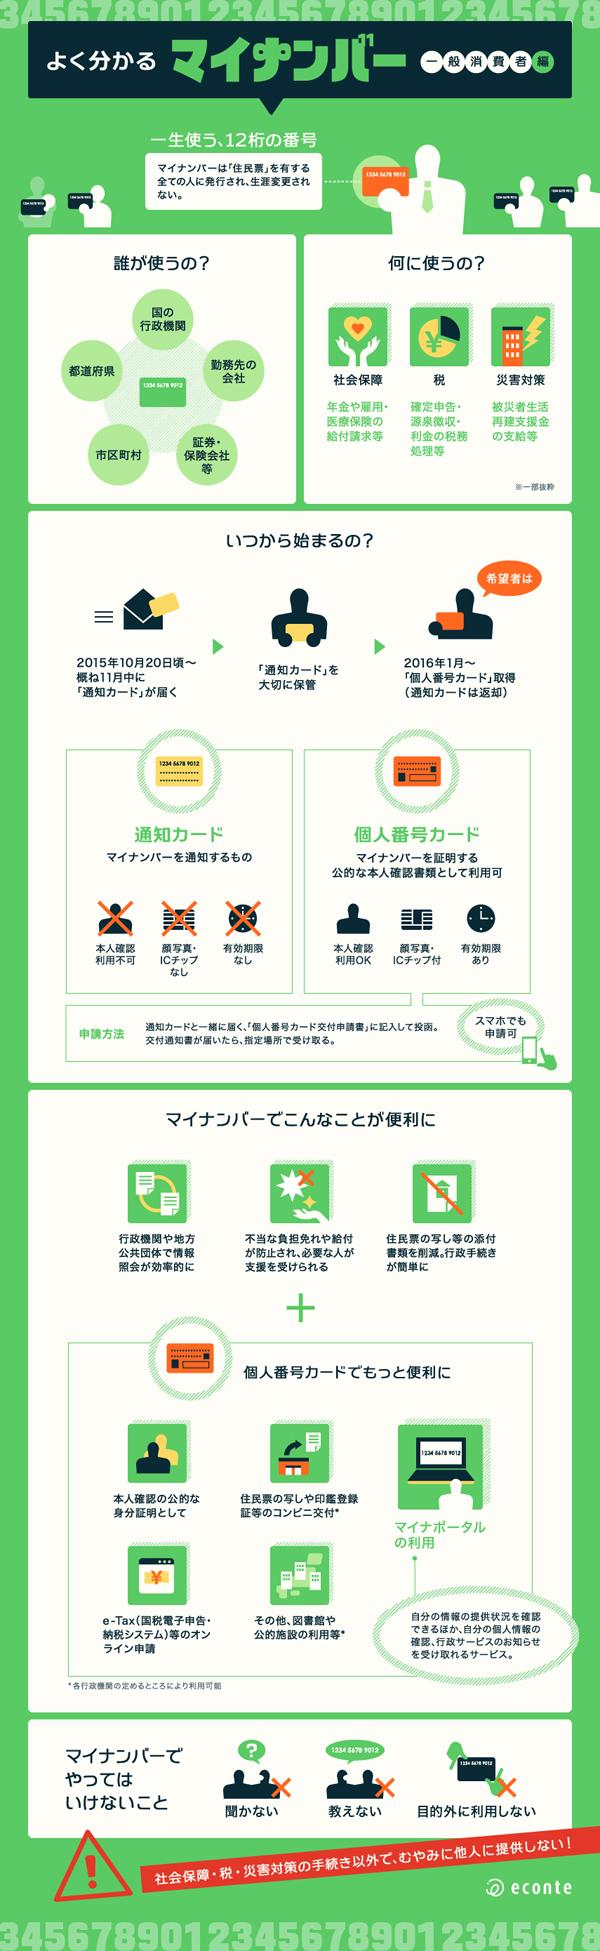 インフォグラフィックス:よく分かるマイナンバー 一般消費者編